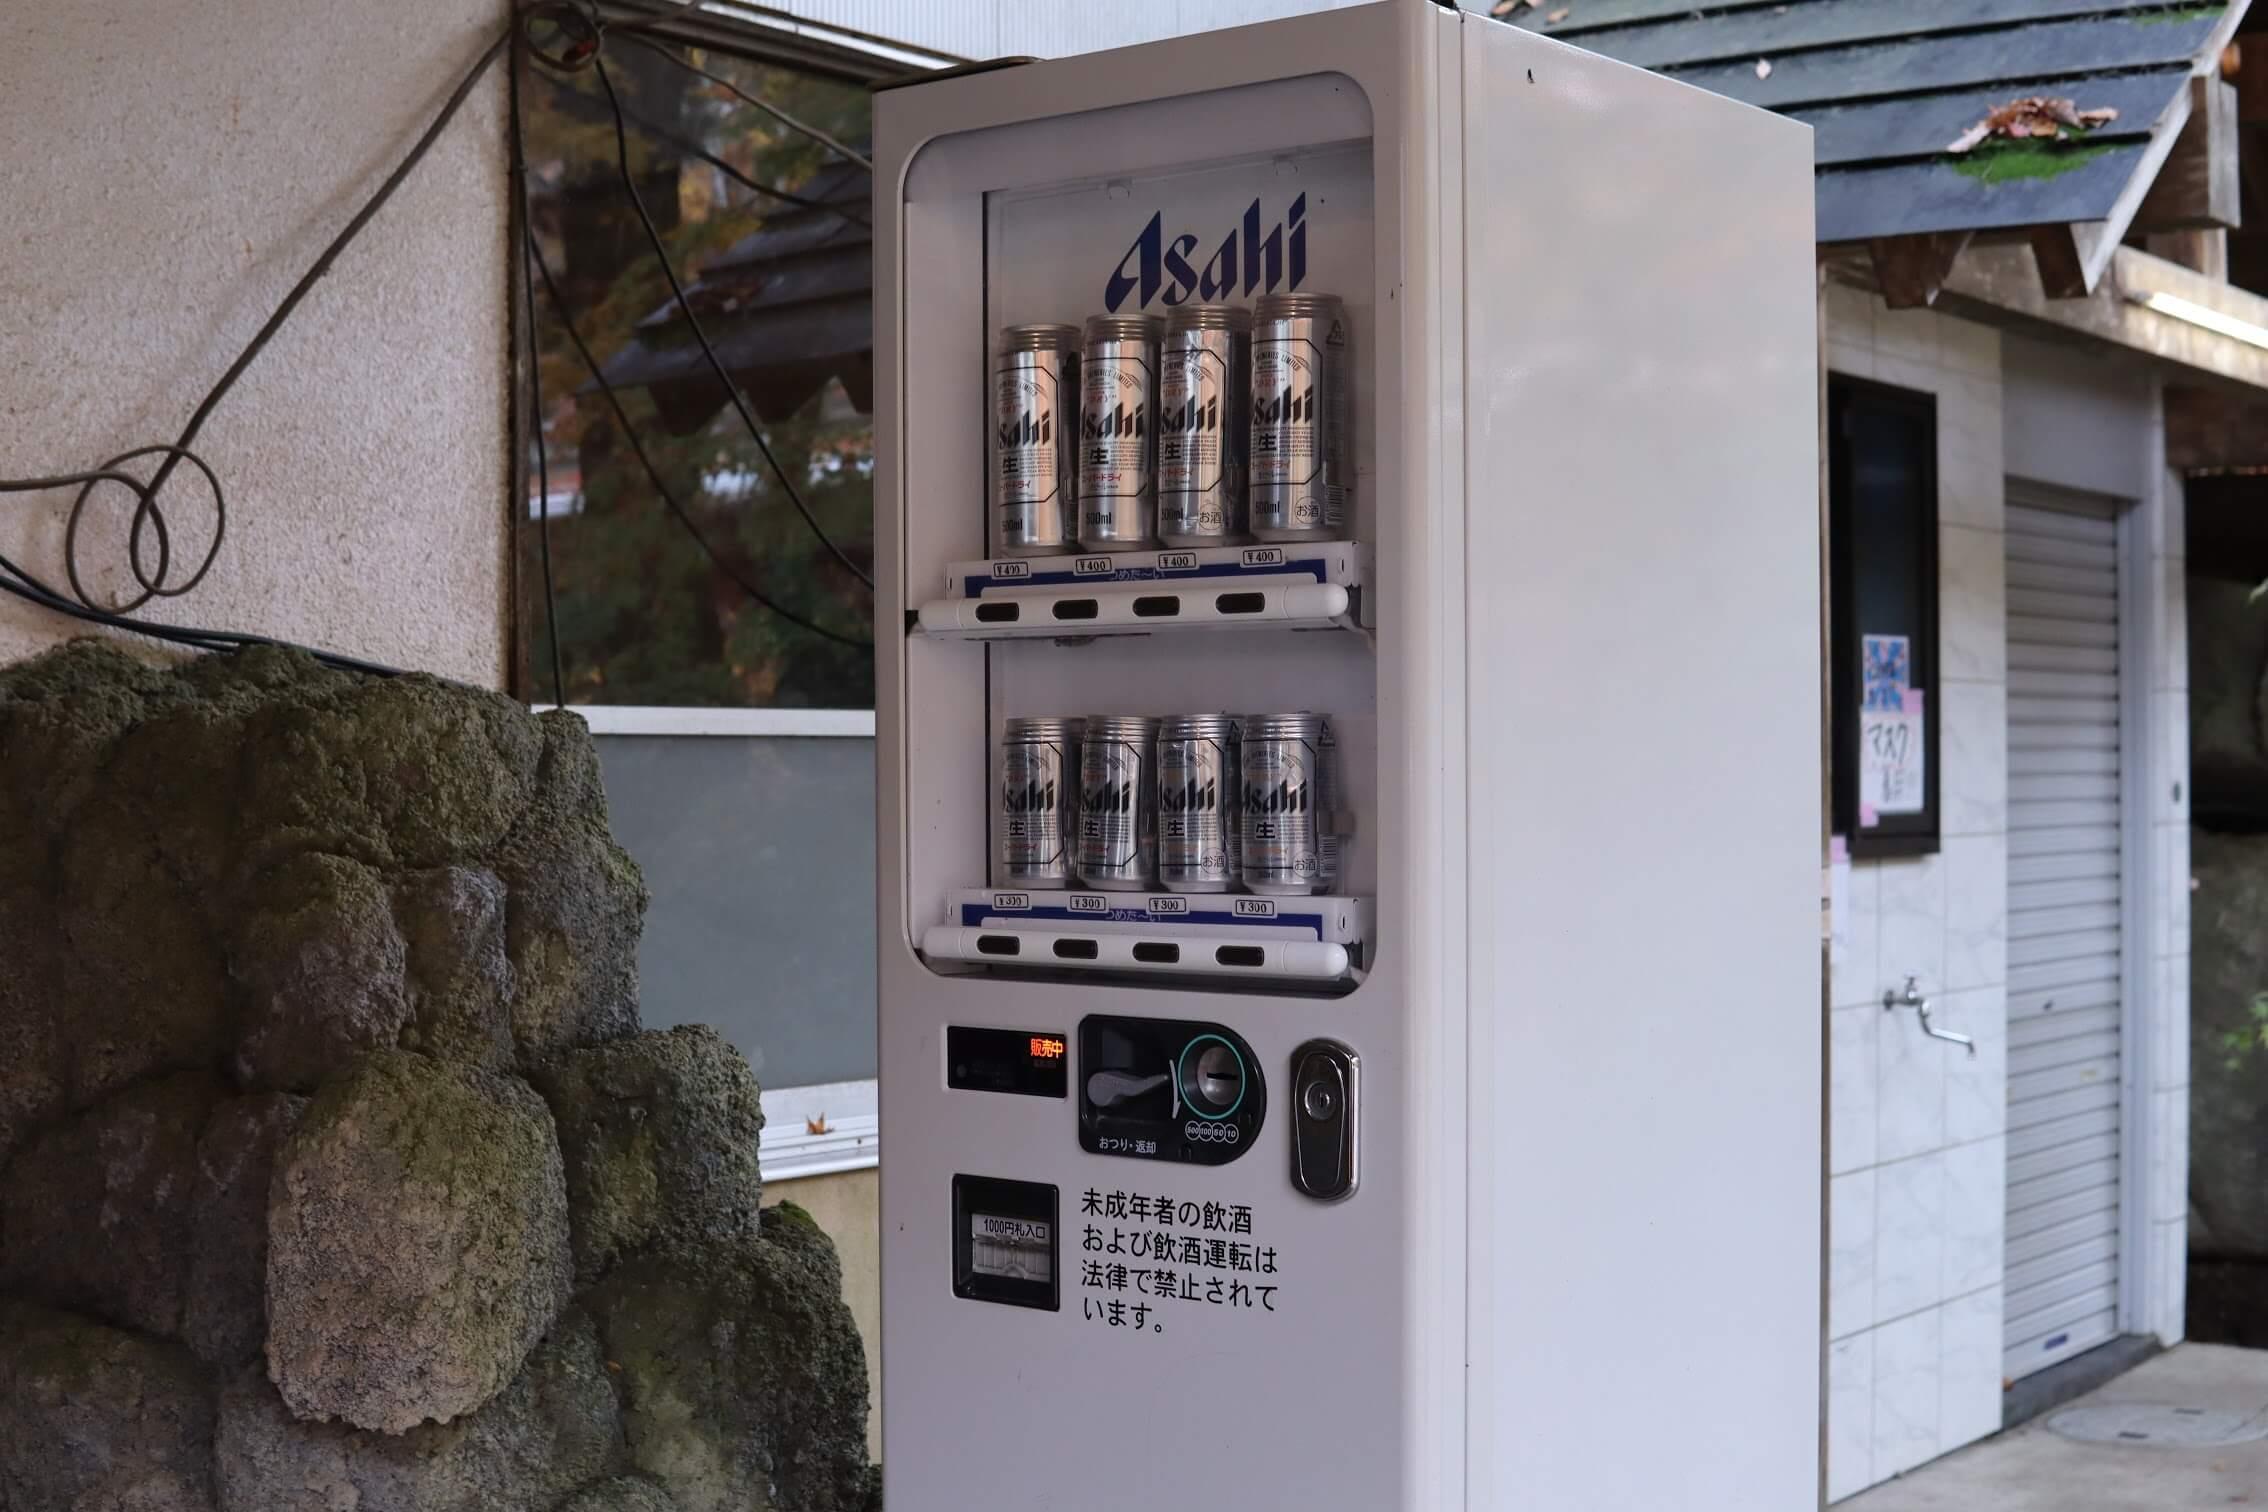 道志の森キャンプ場 自動販売機